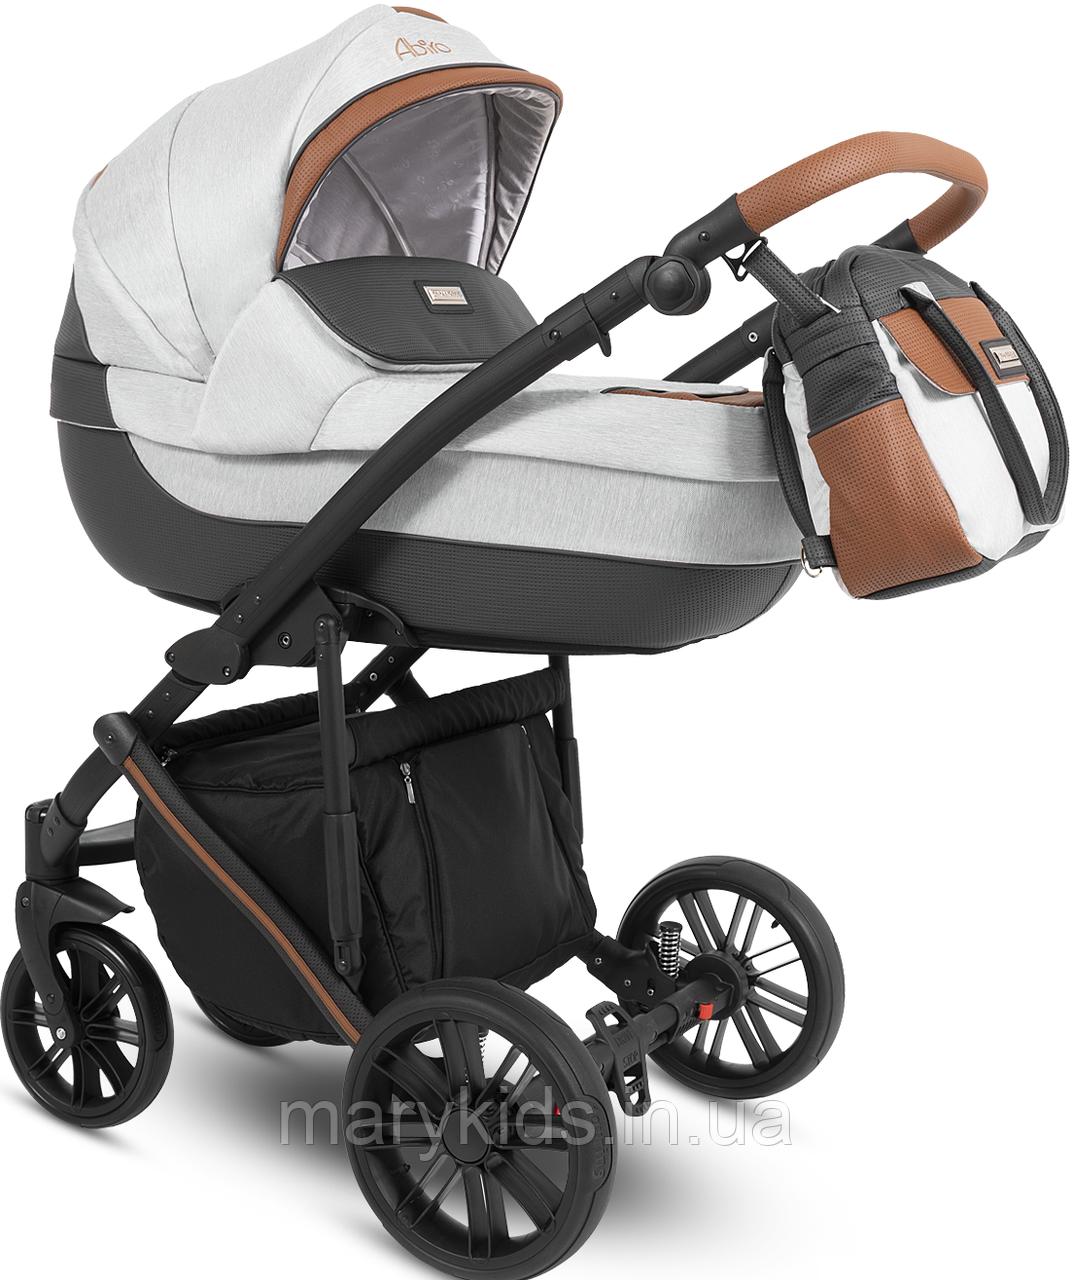 Детская универсальная коляска 2 в 1 Camarelo Abrio - 3